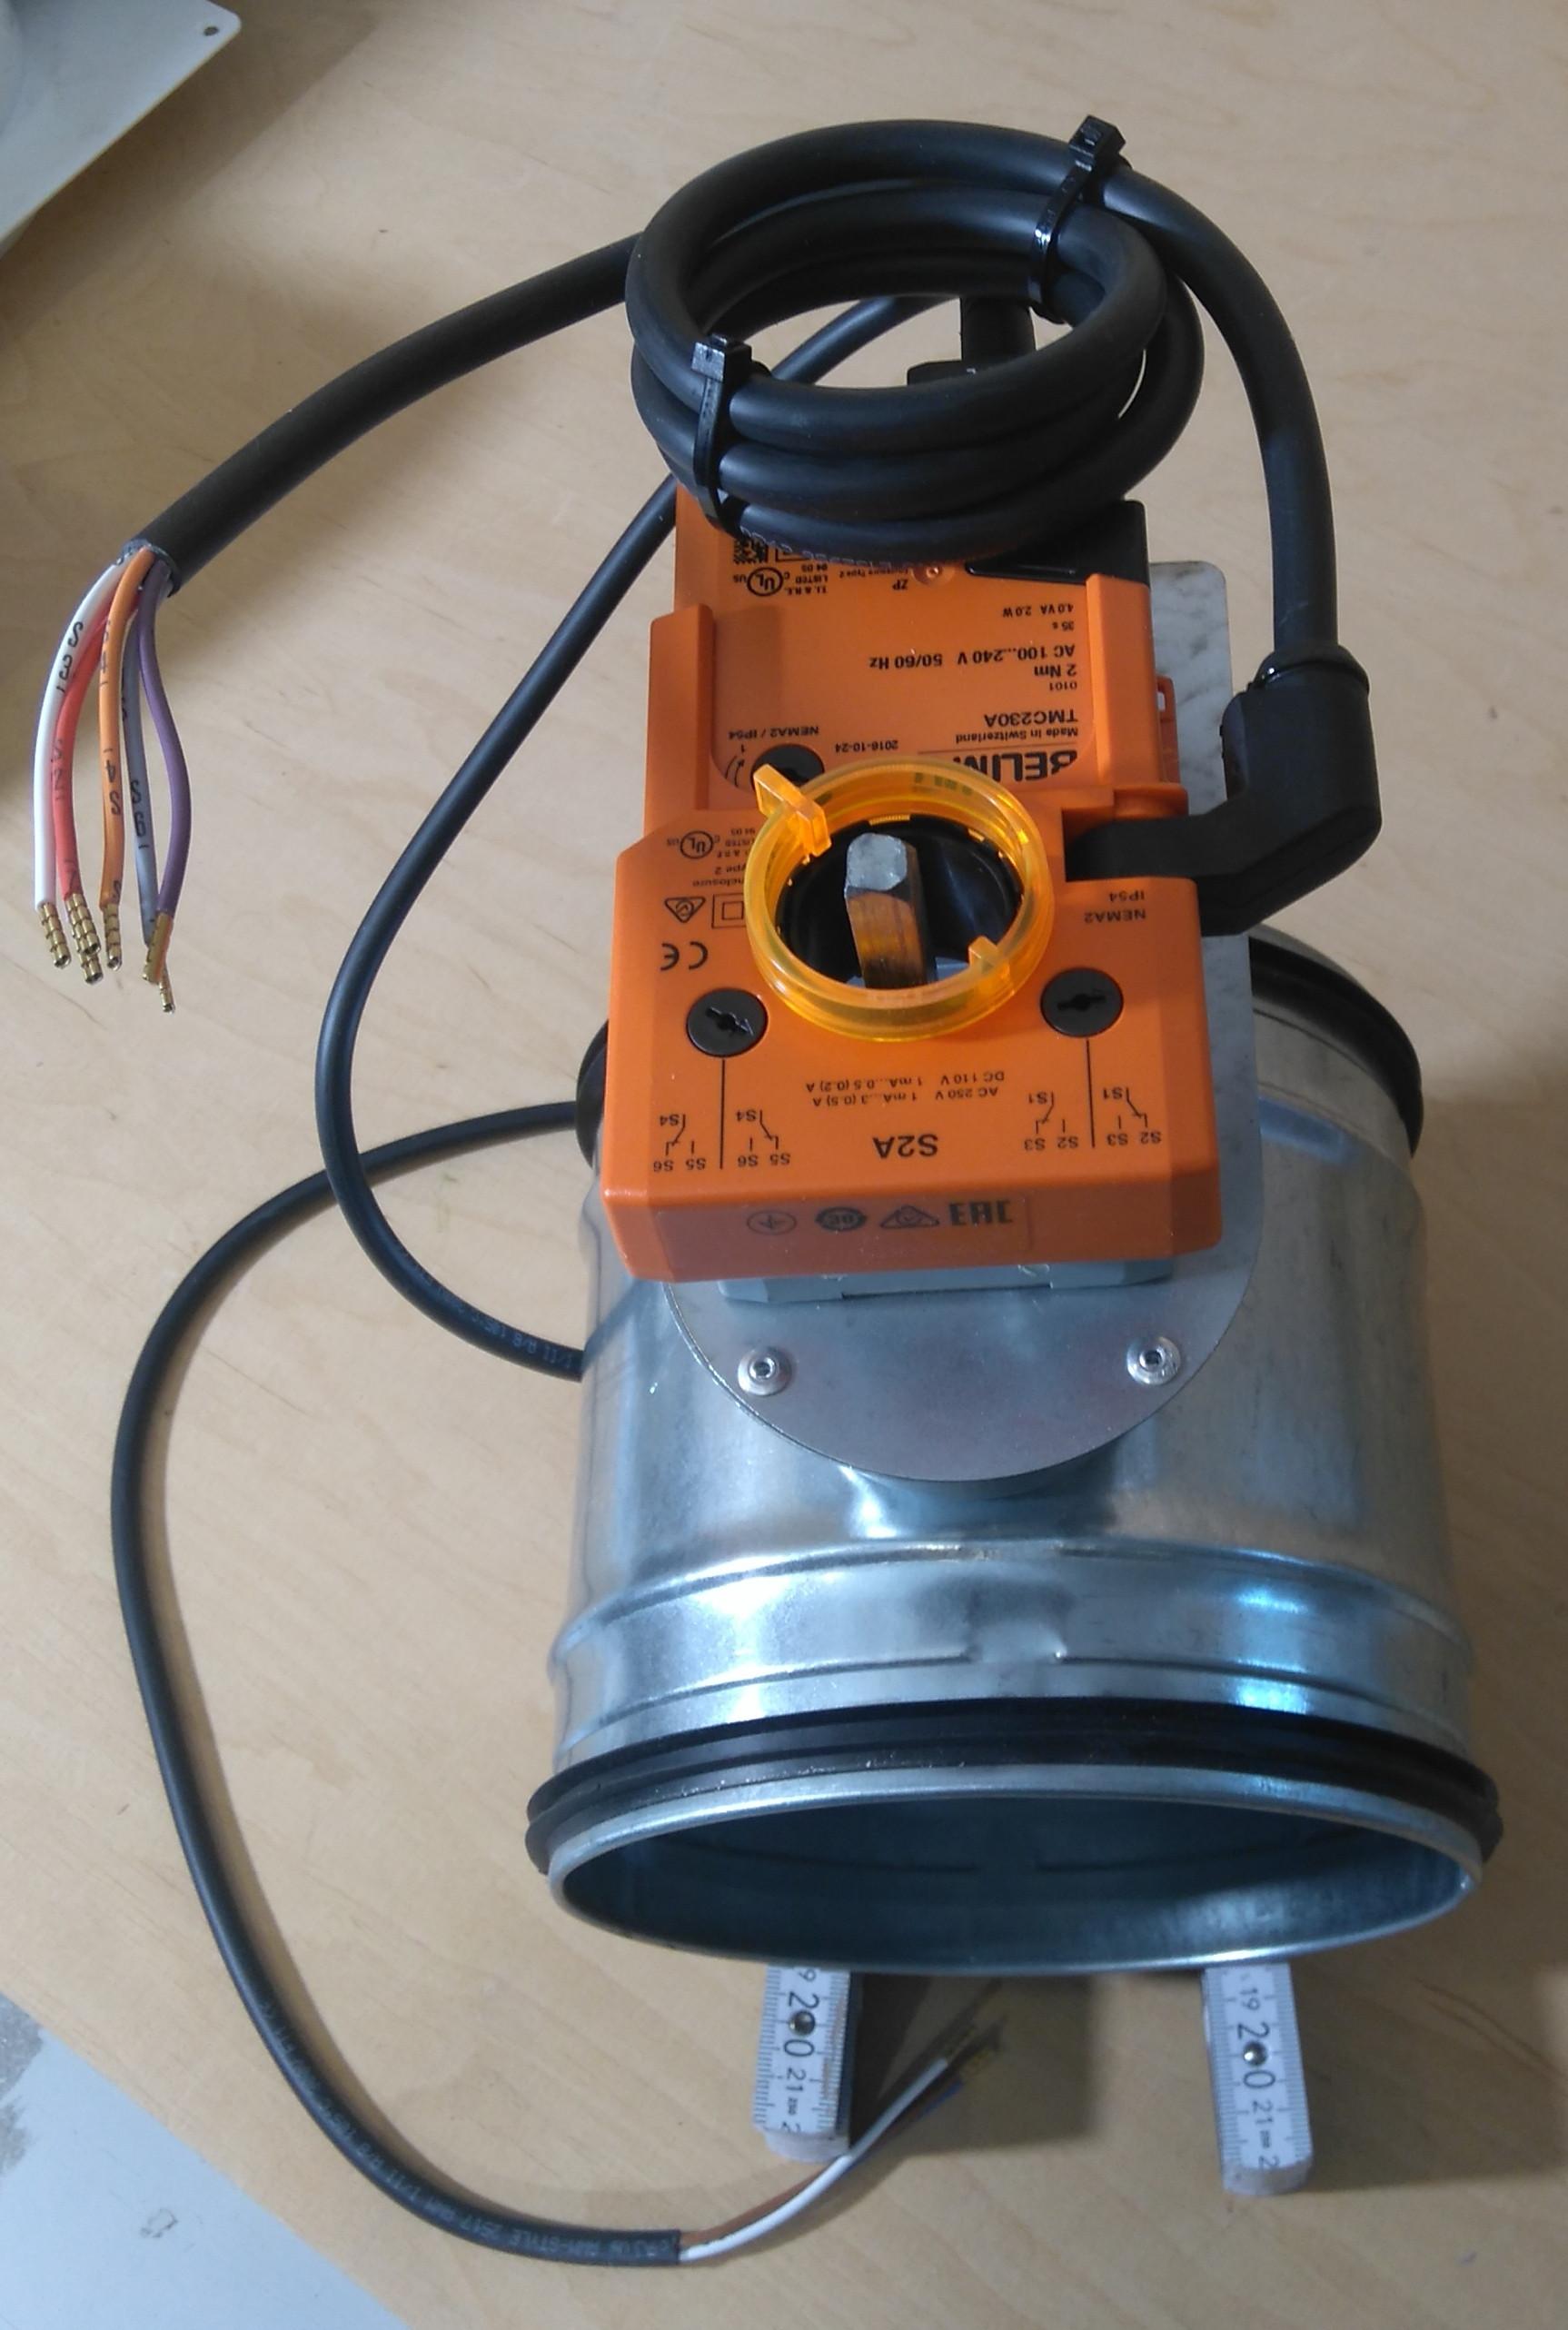 Absperrklappe dichtschließend Belimo TMC230-SA2 Klappenstellantrieb 230V